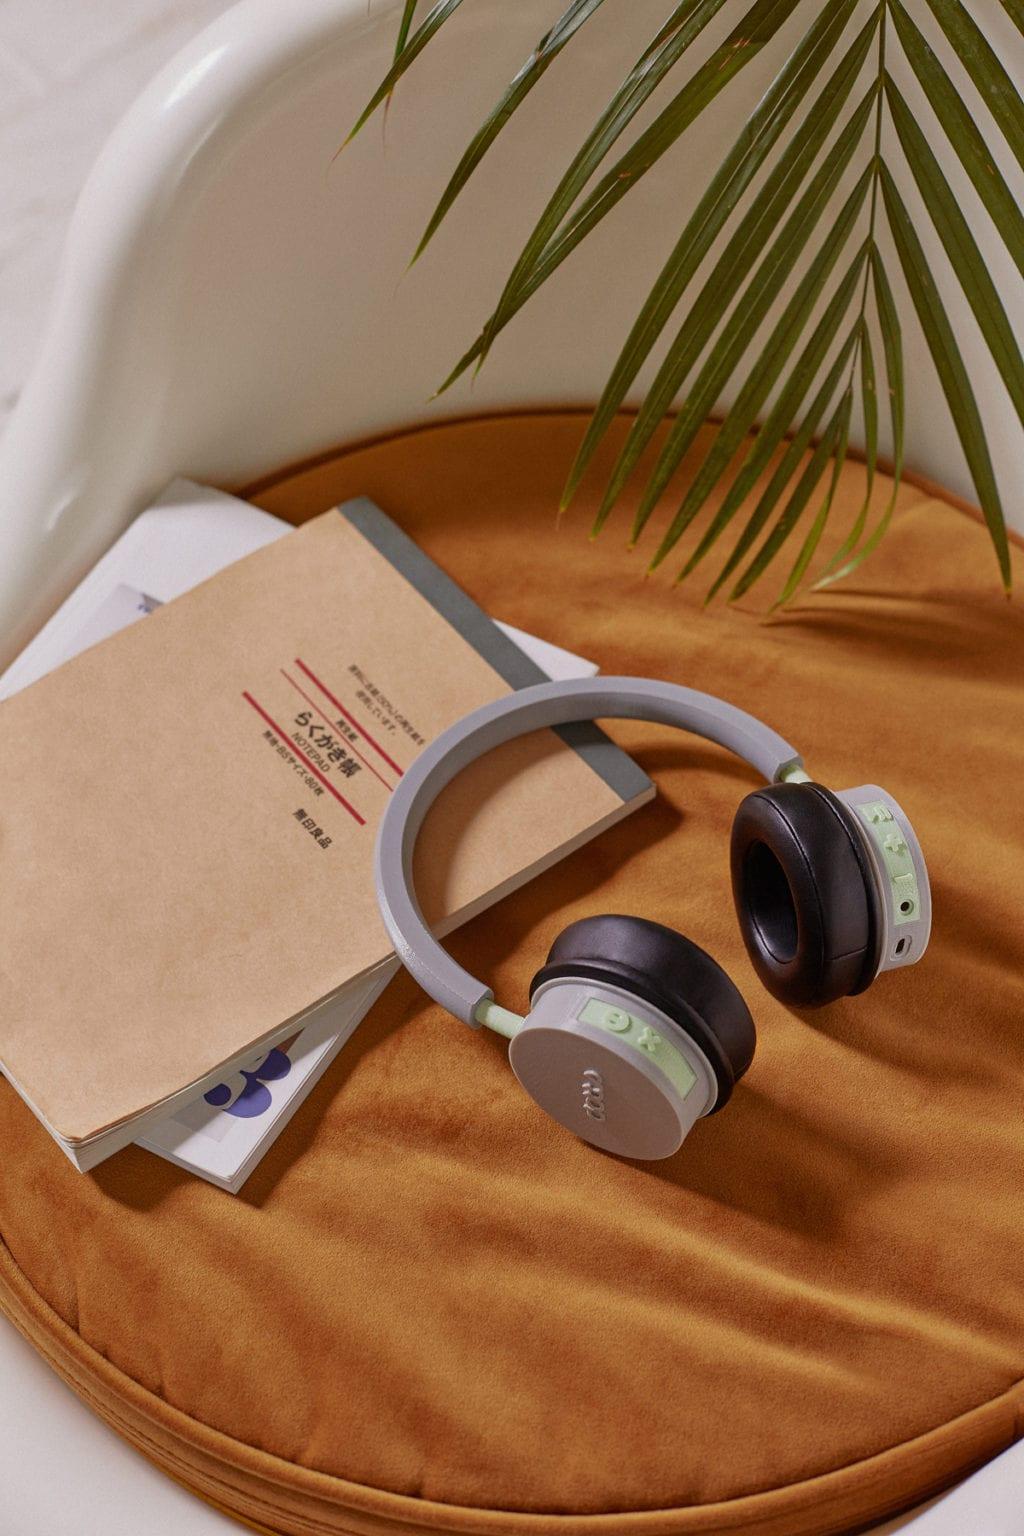 dotts auriculares - Dotts lanza los primeros auriculares fabricados con impresora 3D